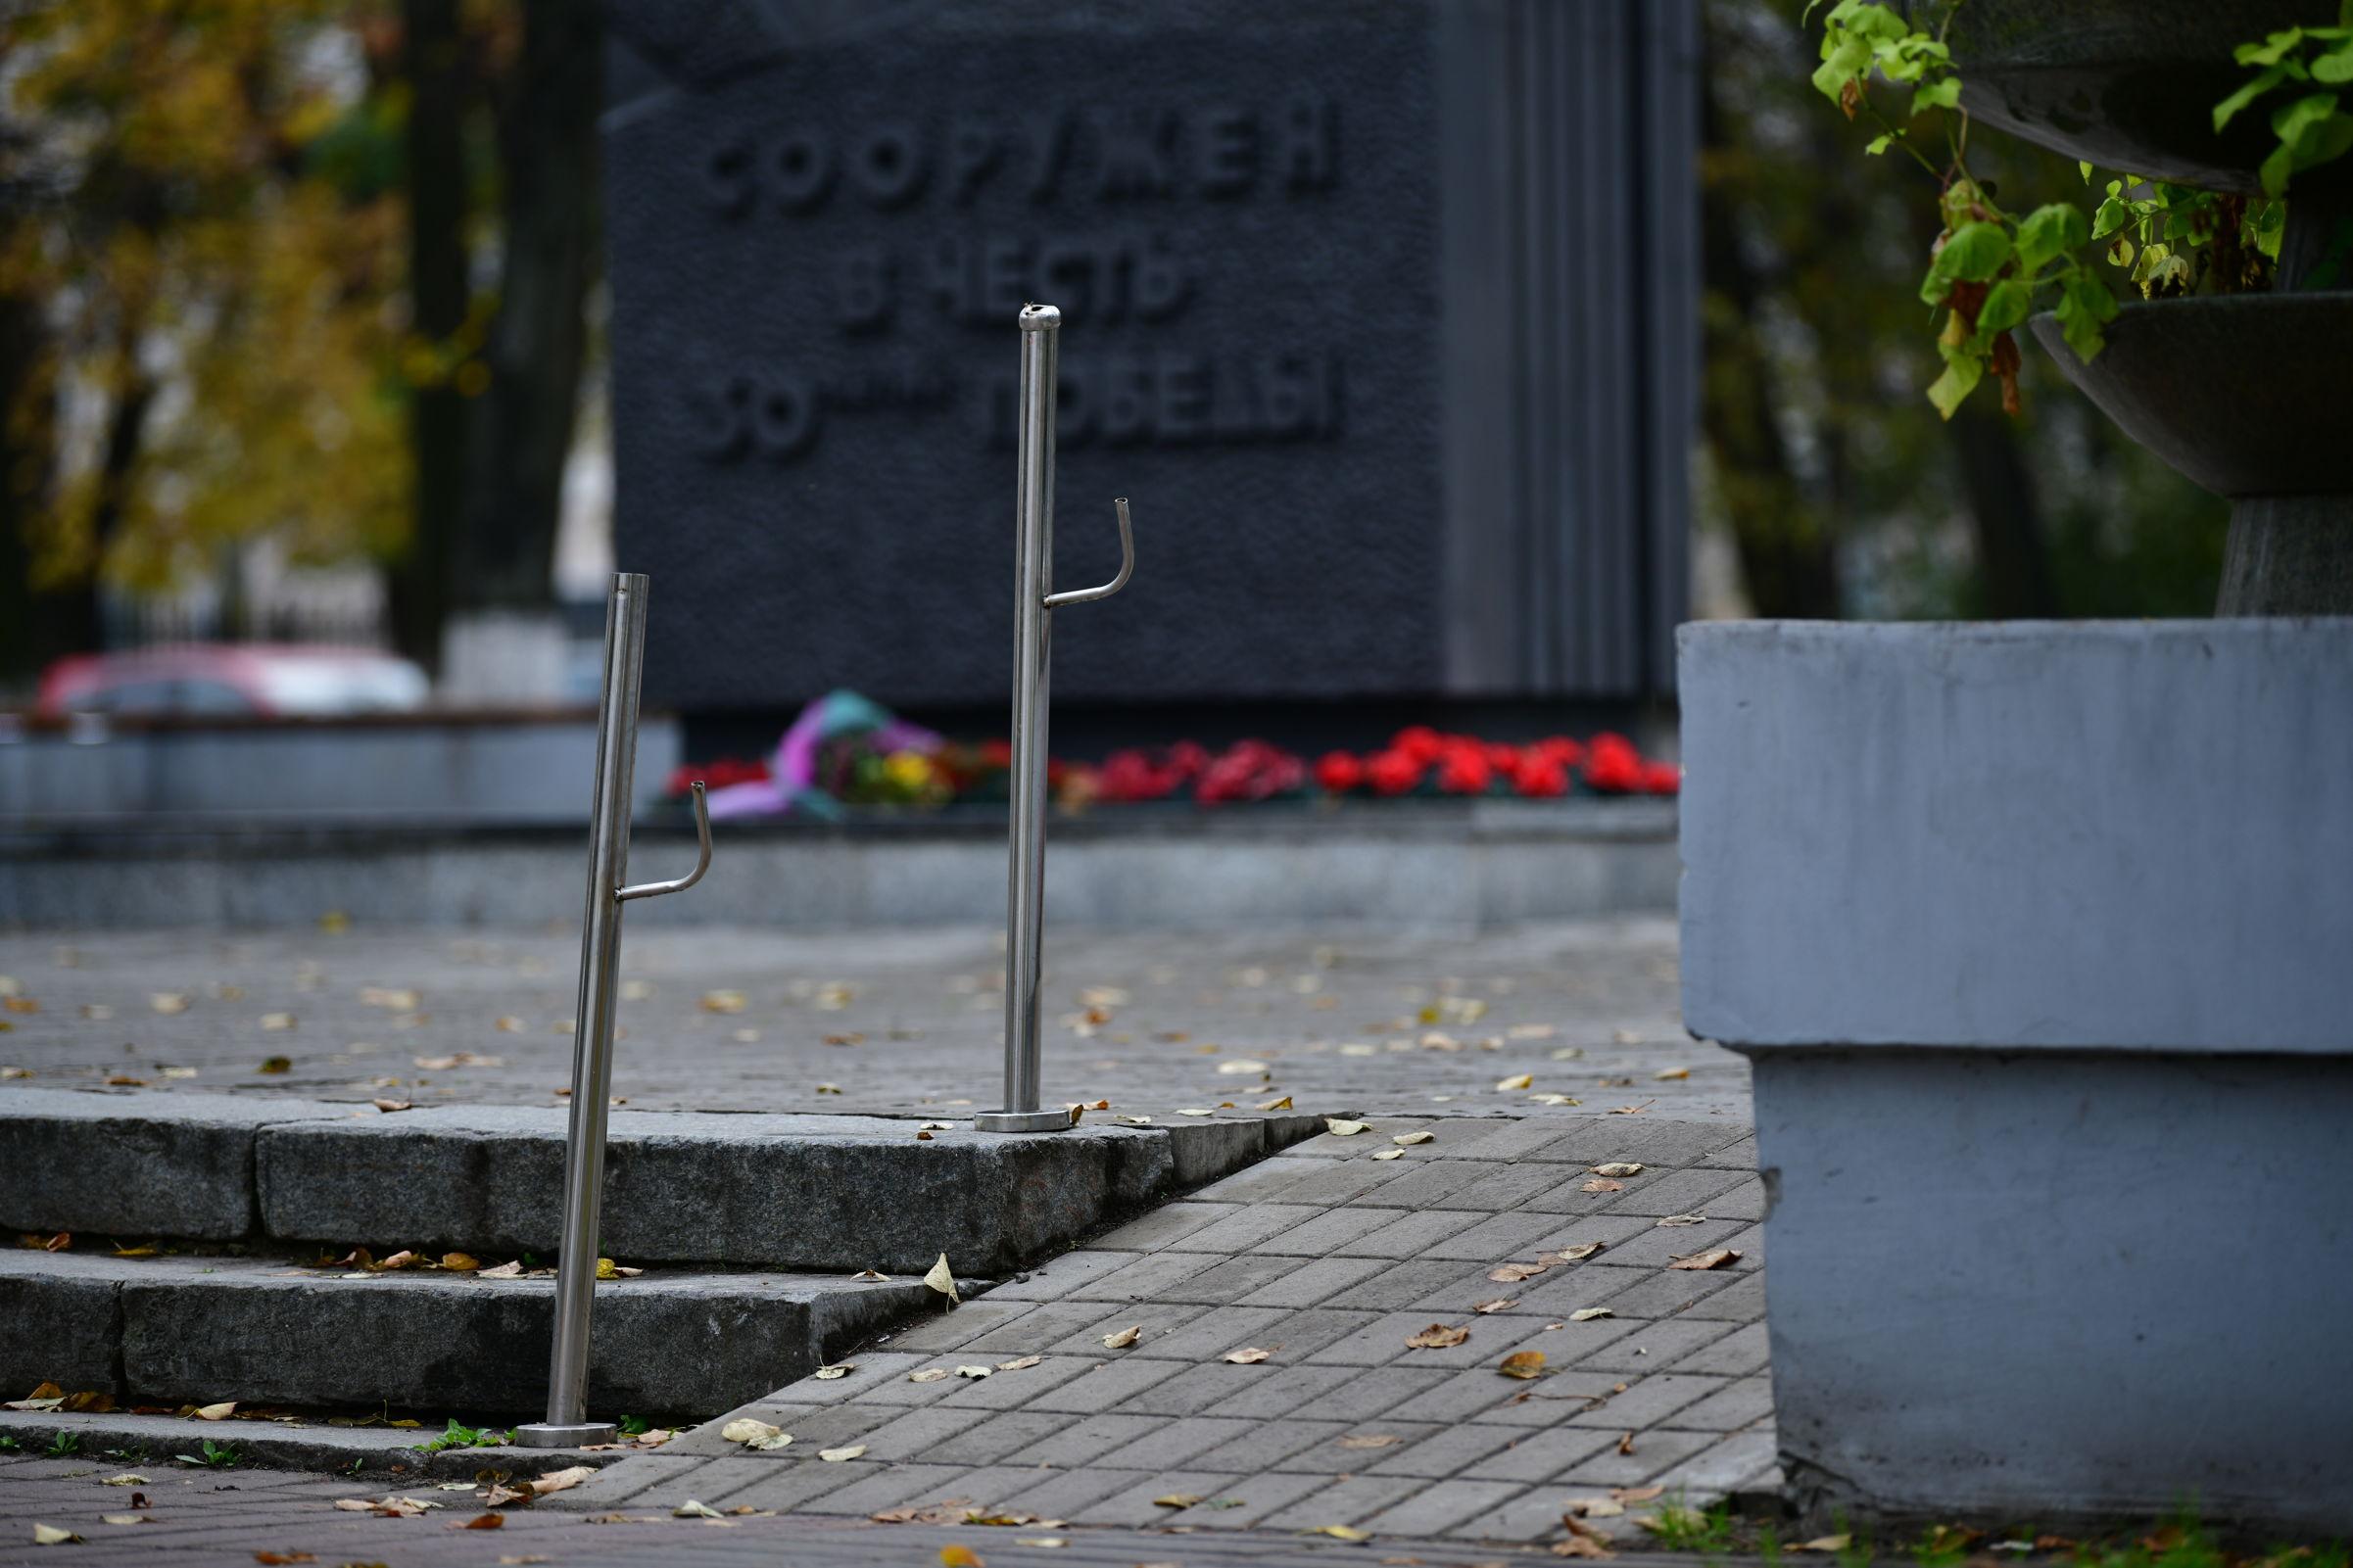 В Ярославле на улице Чайковского восстановят перила, которые сняли вандалы